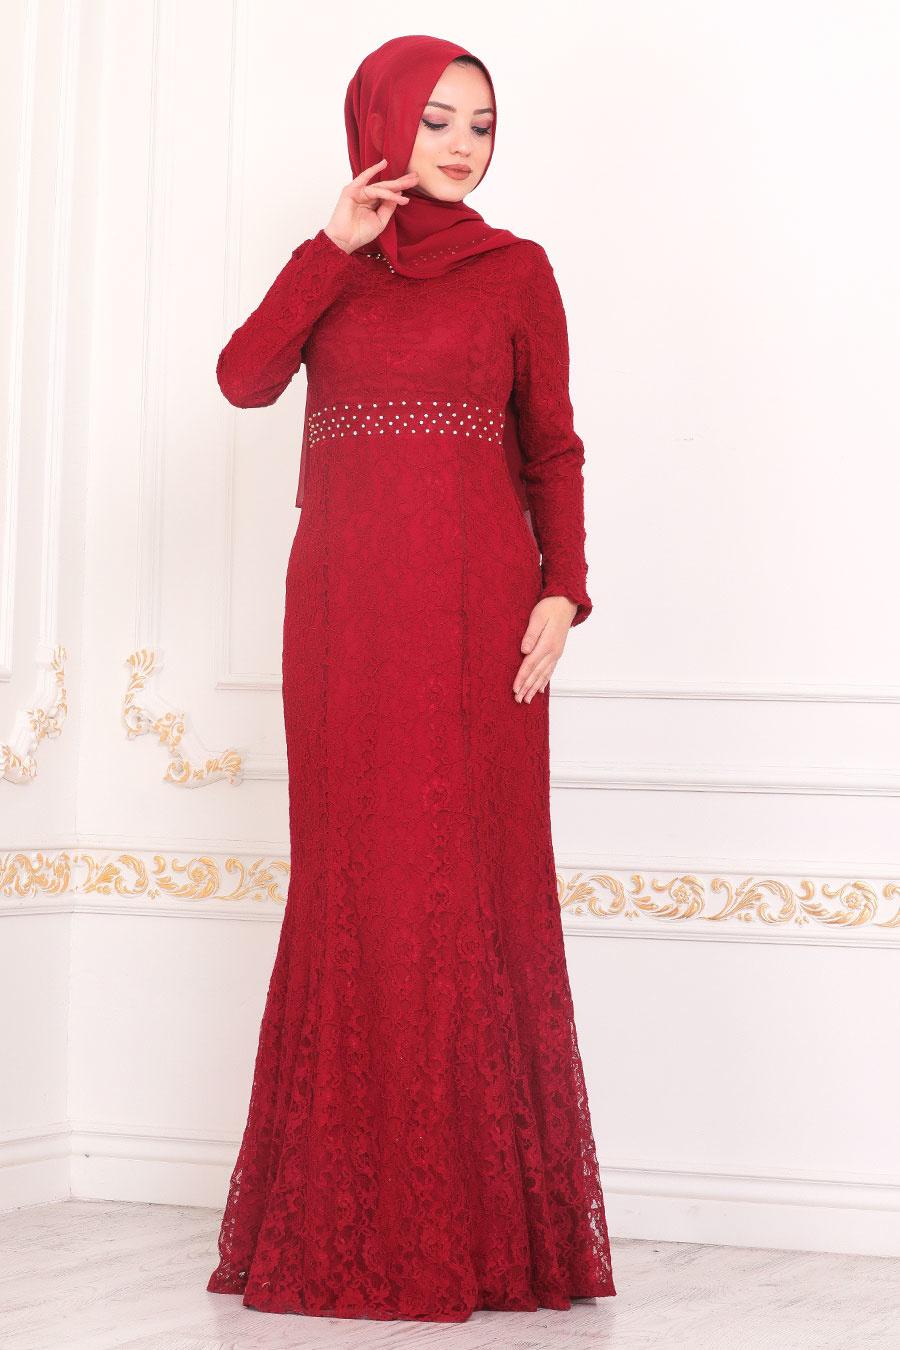 Tesettürlü Abiye Elbise - Dantelli Bordo Tesettür Abiye Elbise 2144BR